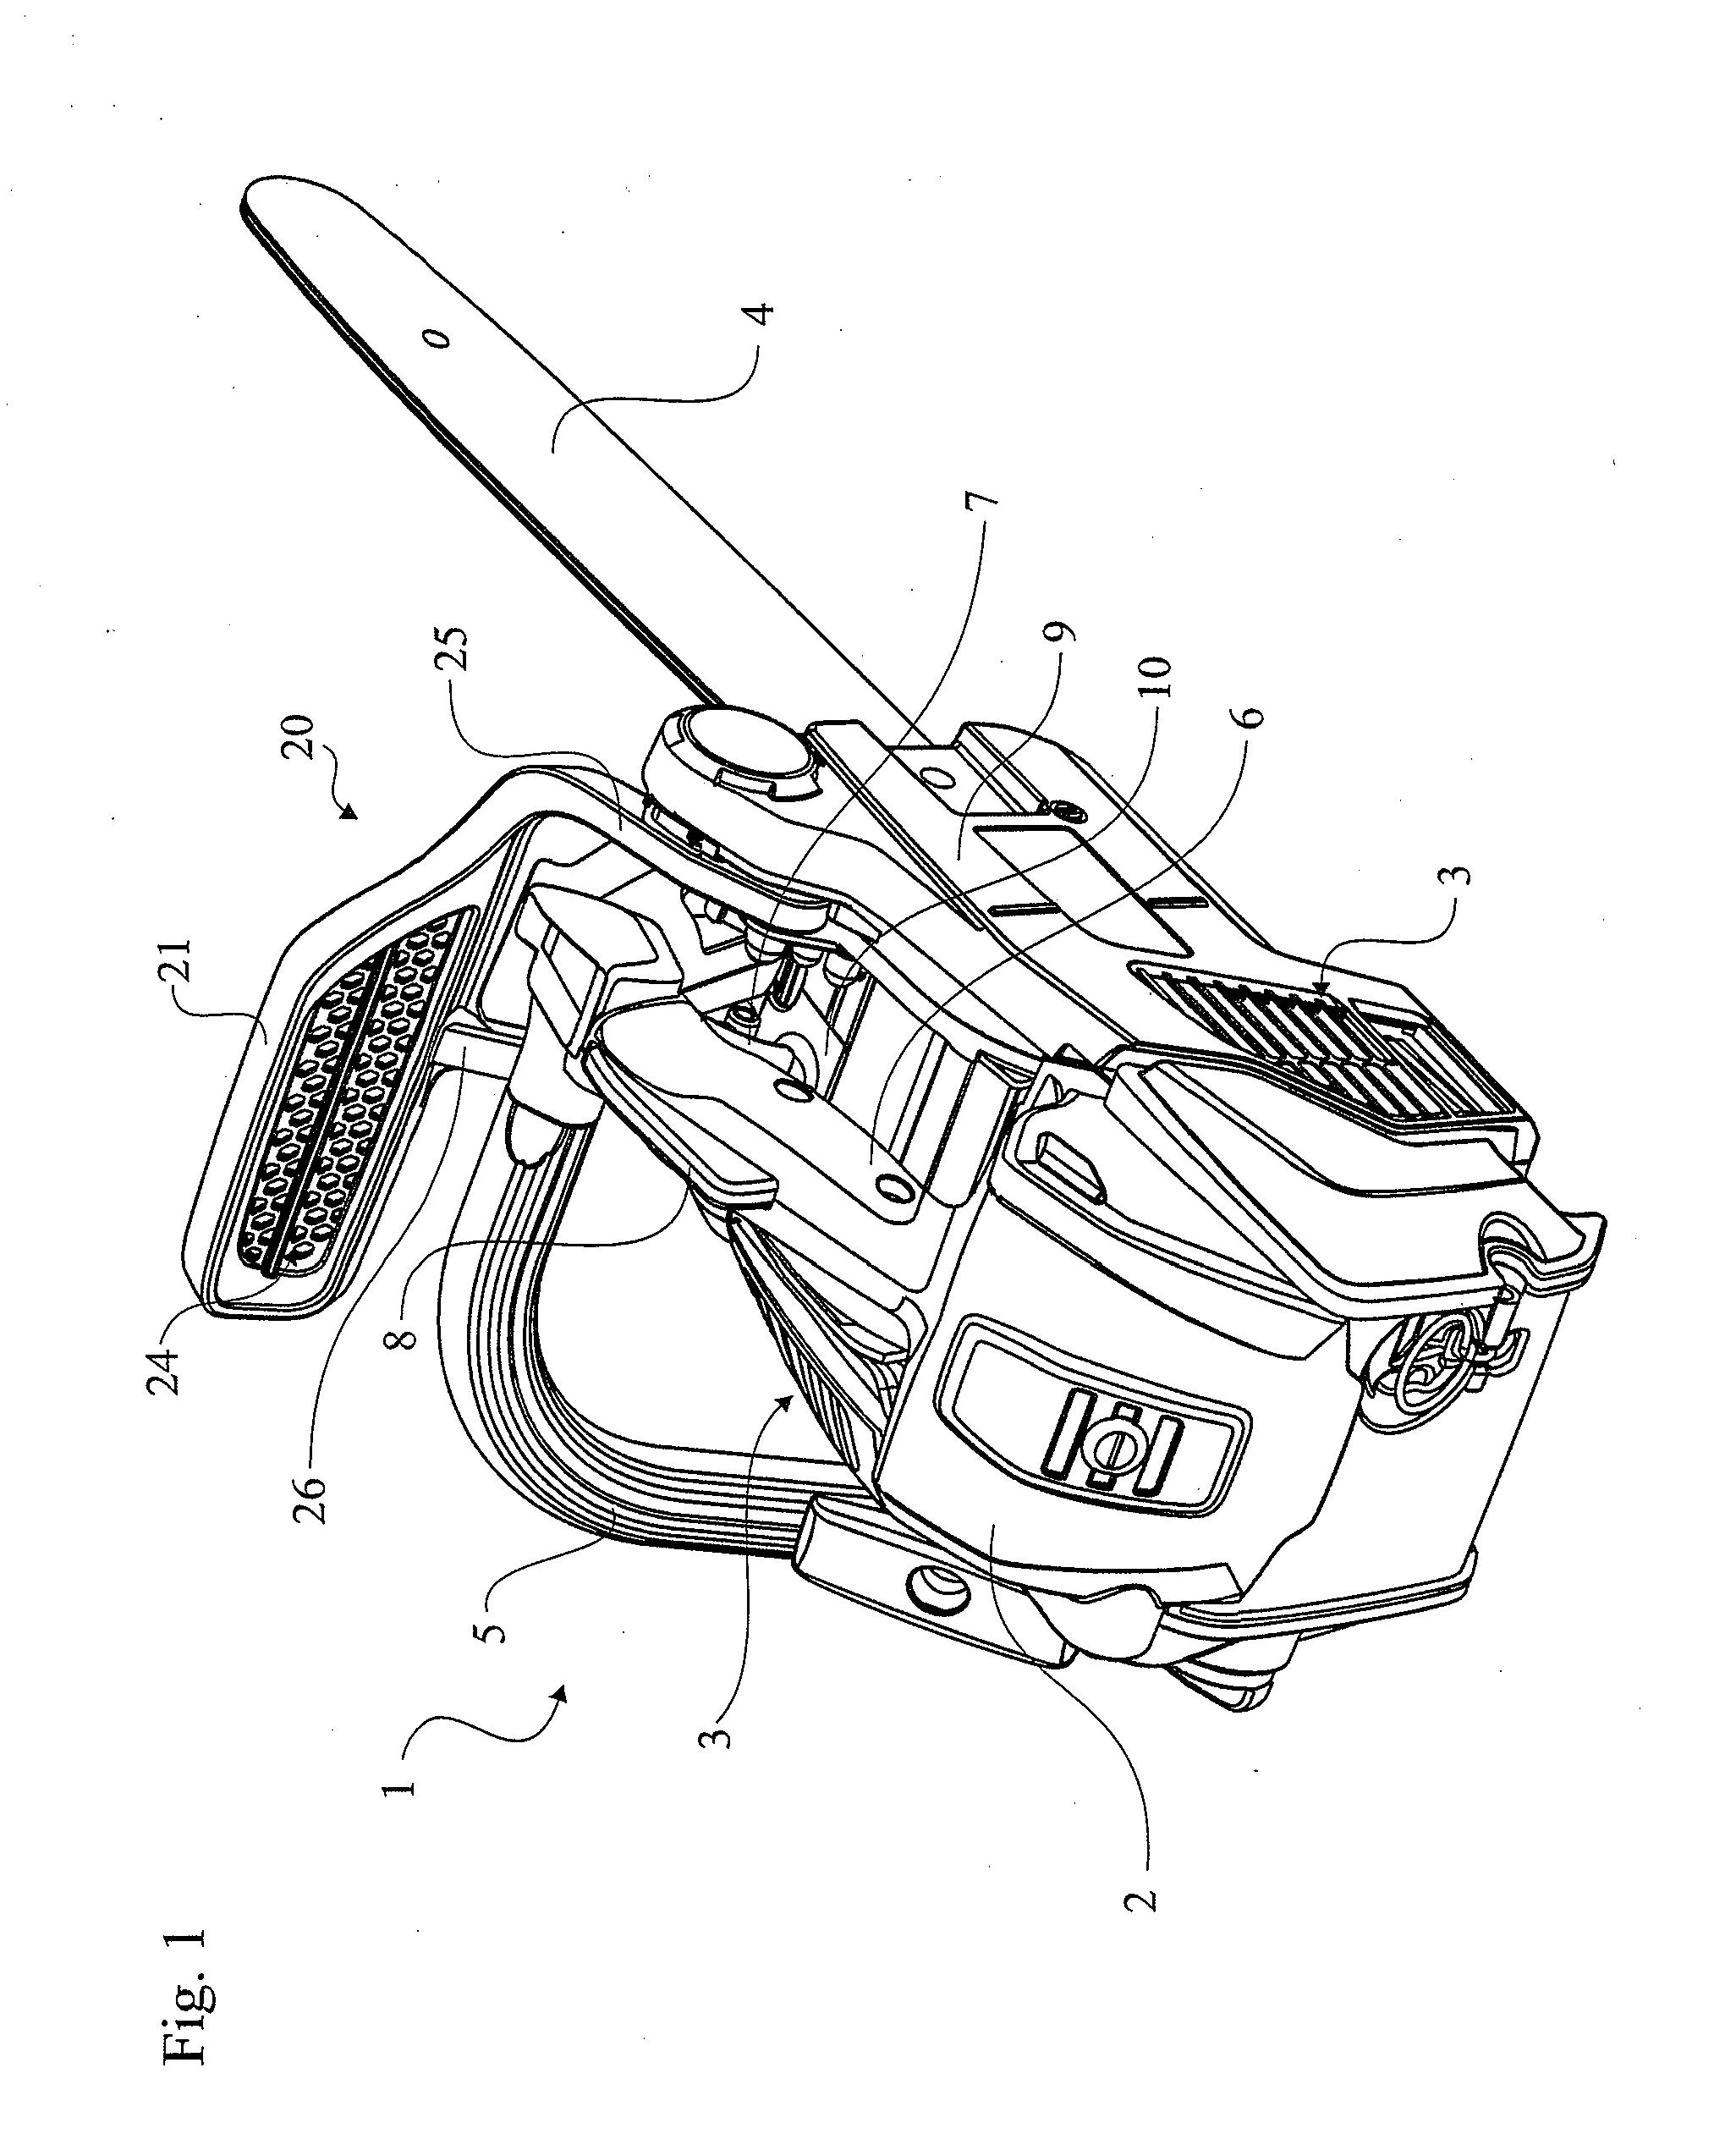 stihl chainsaw drawing